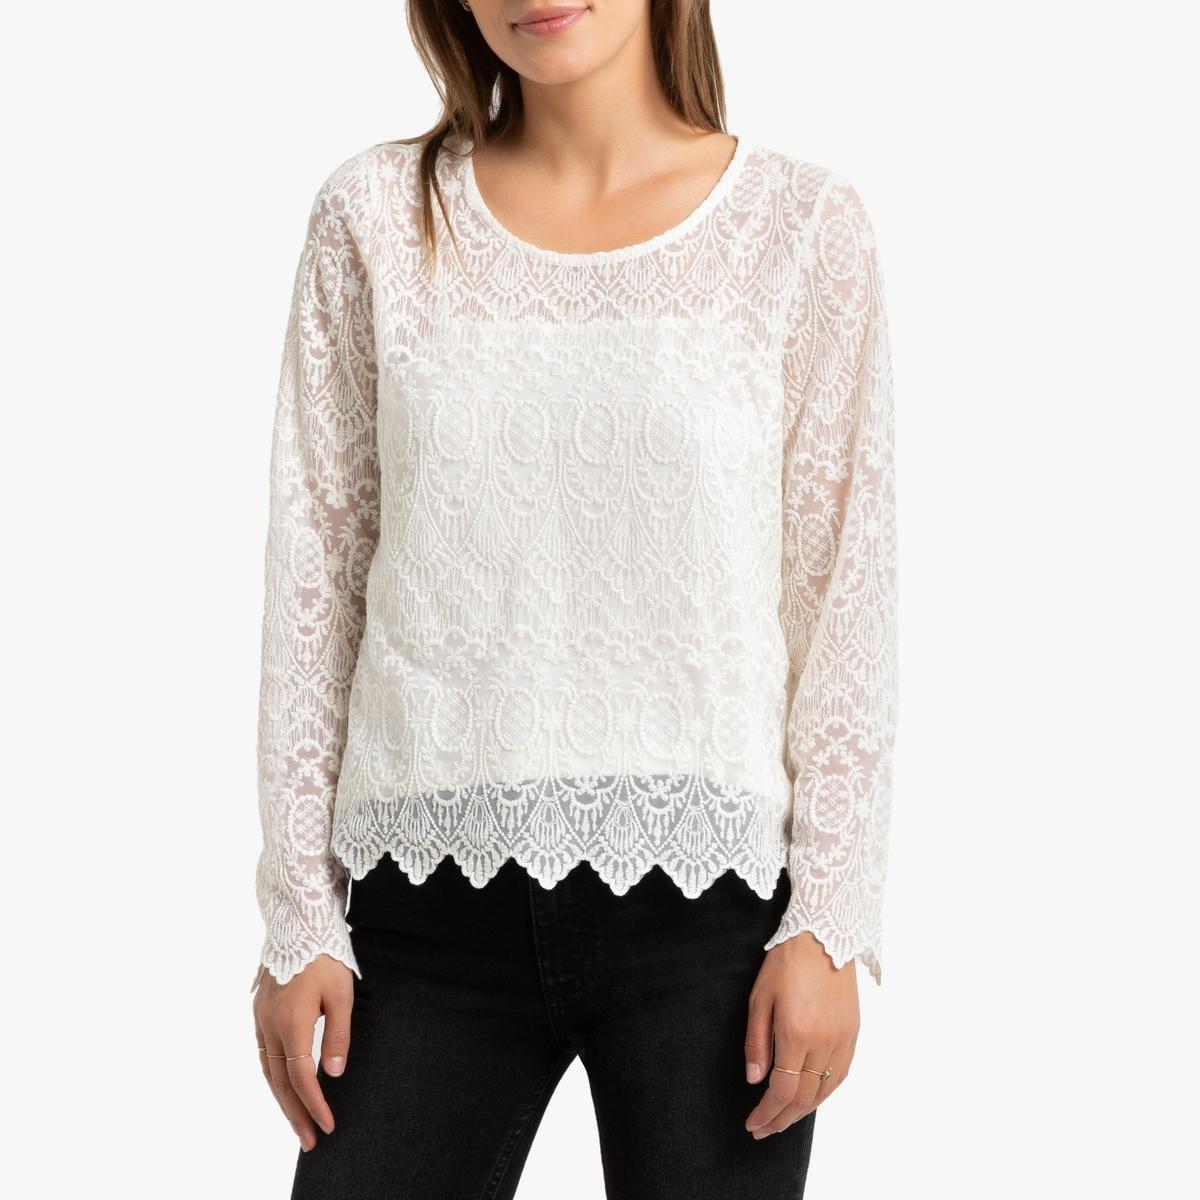 Блузка La Redoute Из кружева с круглым вырезом и длинными рукавами XS бежевый свитшот la redoute с круглым вырезом и вышивкой s черный